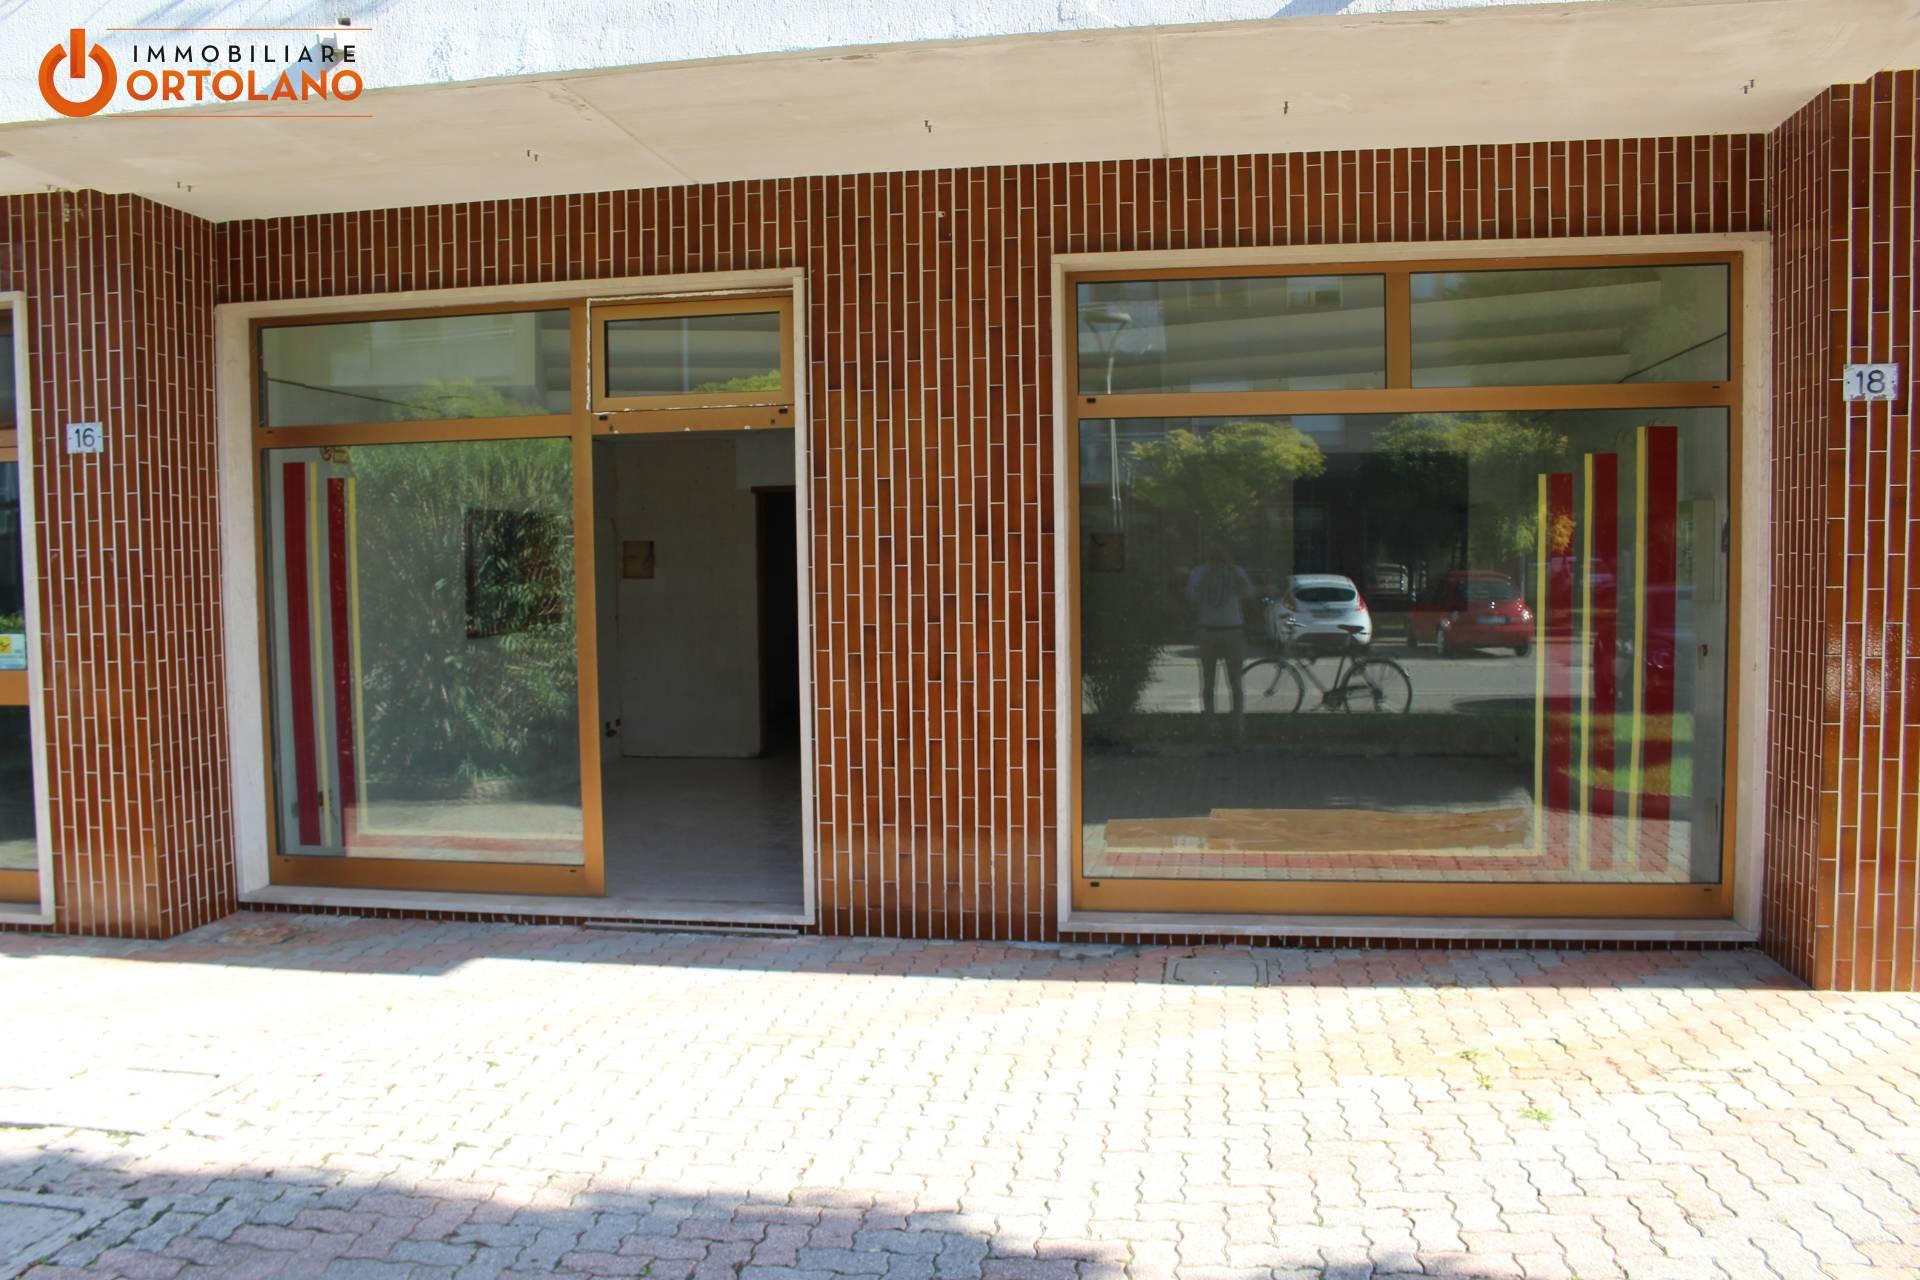 Negozio / Locale in affitto a San Canzian d'Isonzo, 9999 locali, zona Zona: Pieris, prezzo € 300 | CambioCasa.it